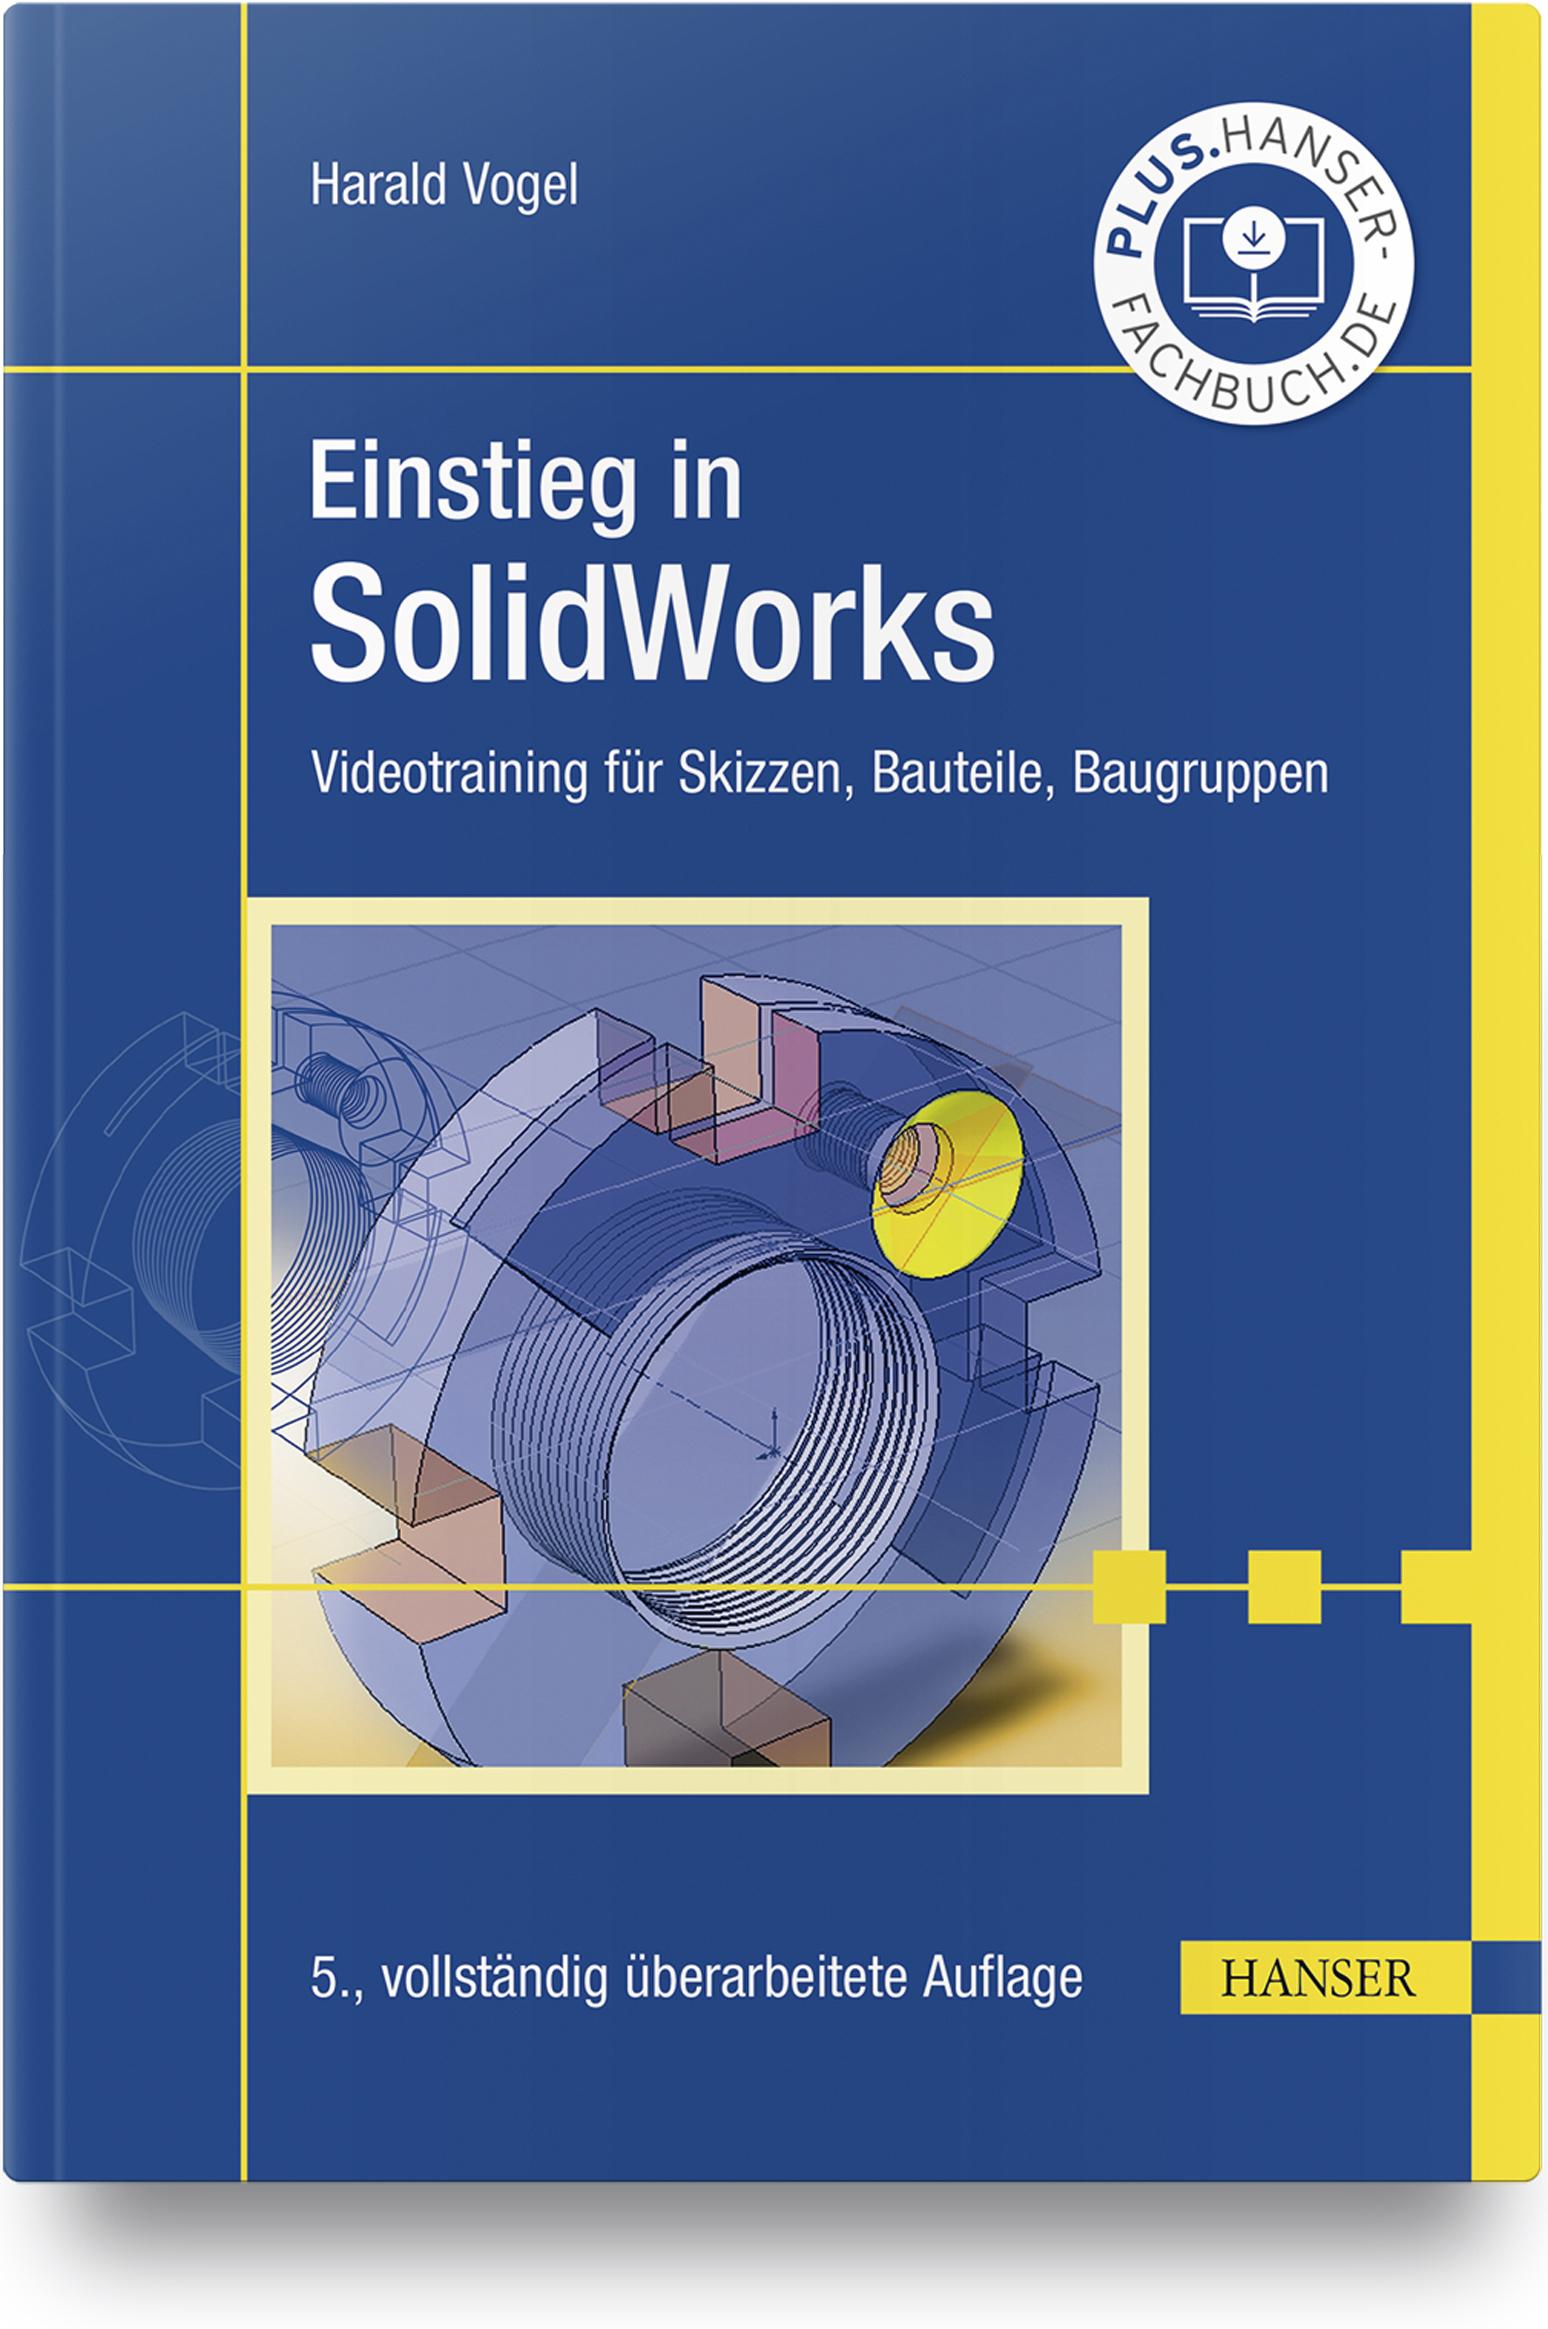 Vogel, Einstieg in SolidWorks, 978-3-446-46374-5